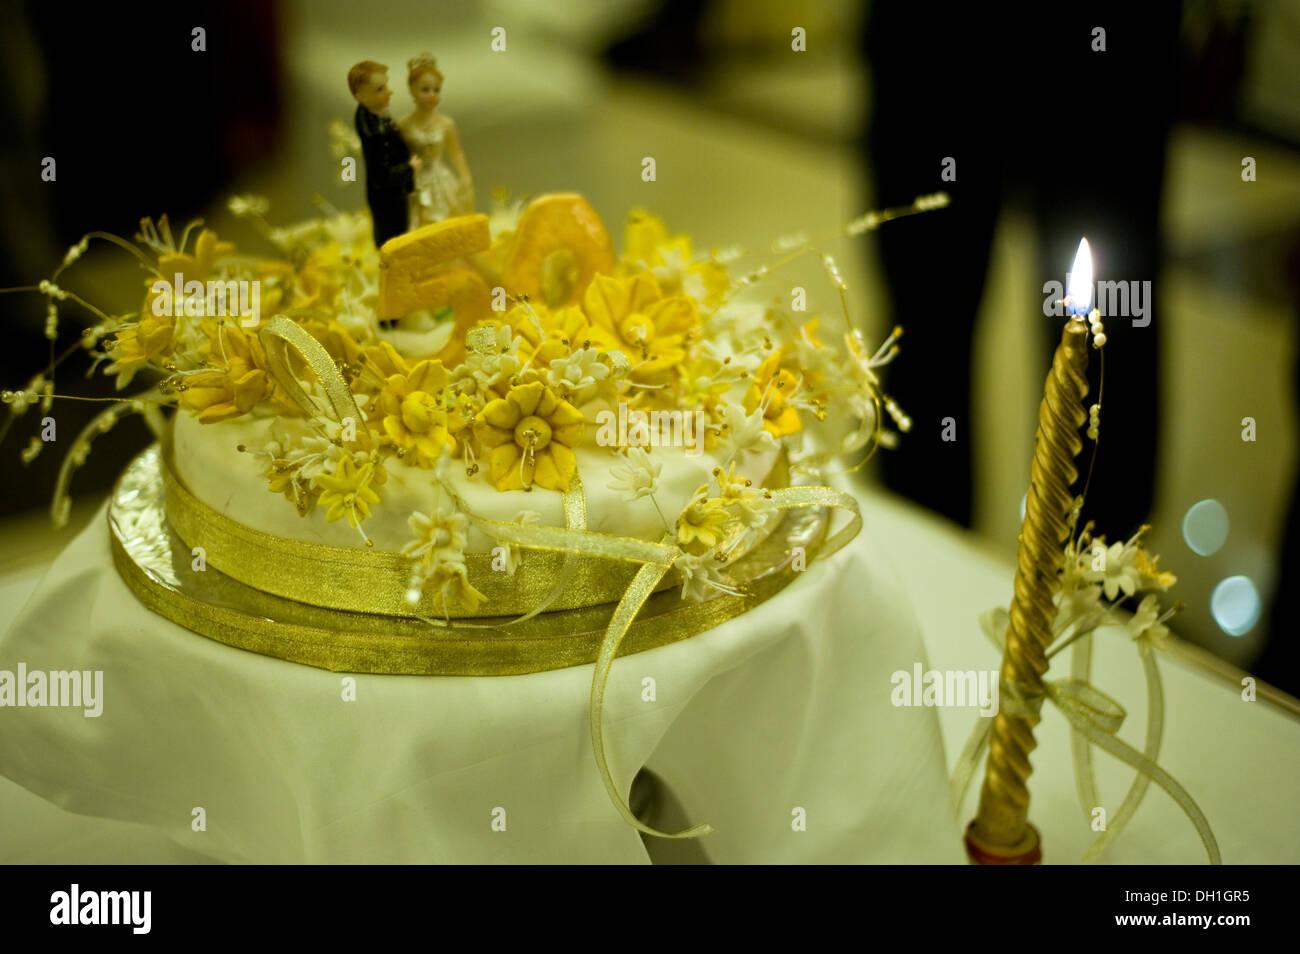 50esimo Anniversario Di Matrimonio.Il 50 Esimo Anniversario Di Matrimonio Torta Foto Immagine Stock